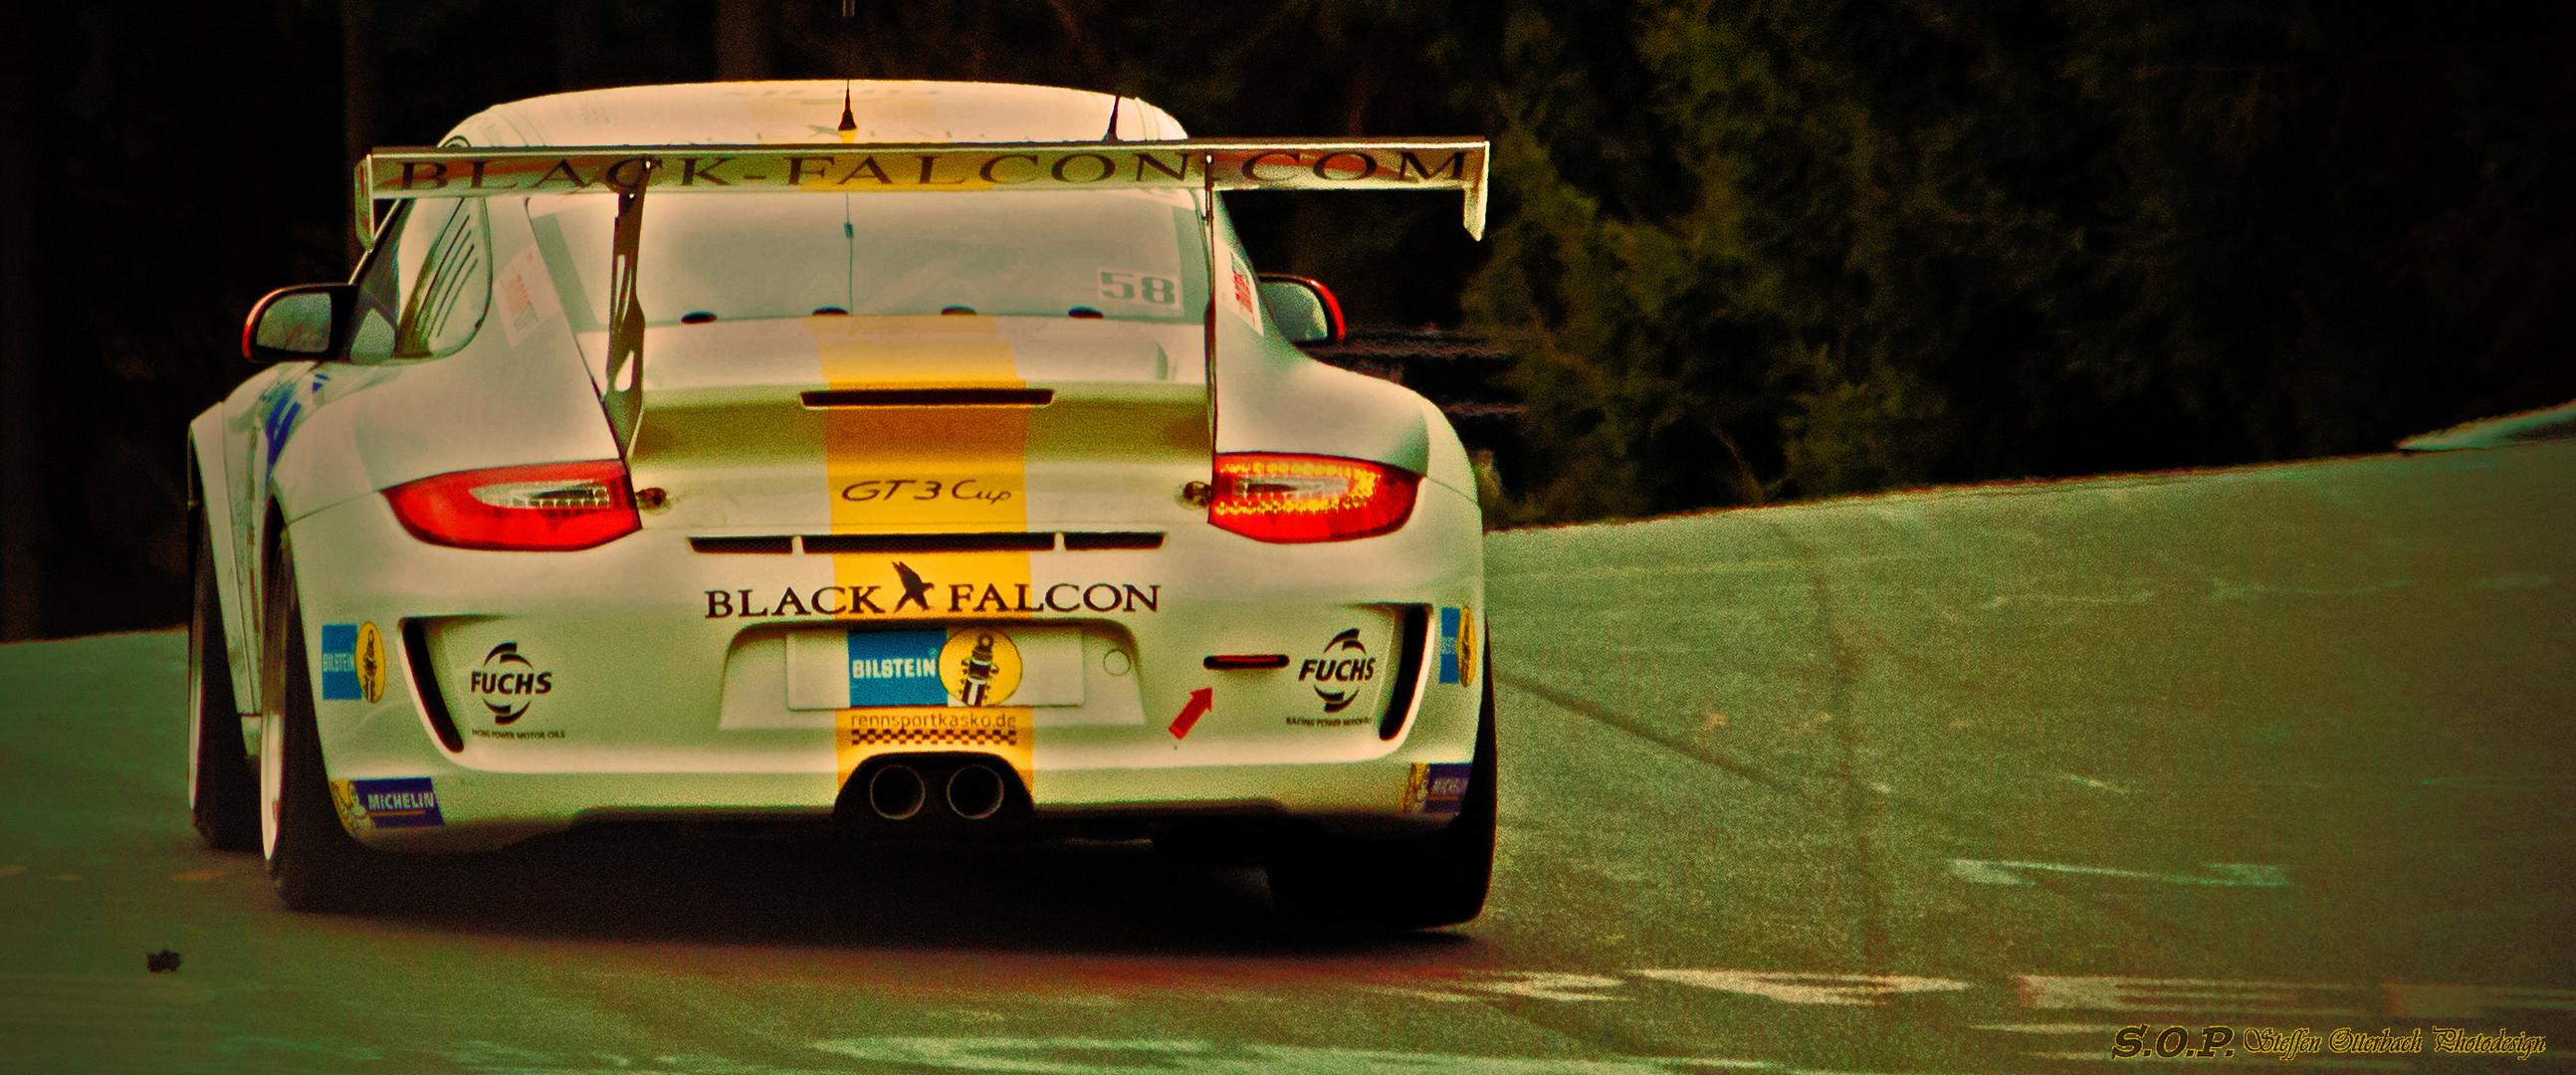 Porsche 911 GT3 CUP Black Falcon